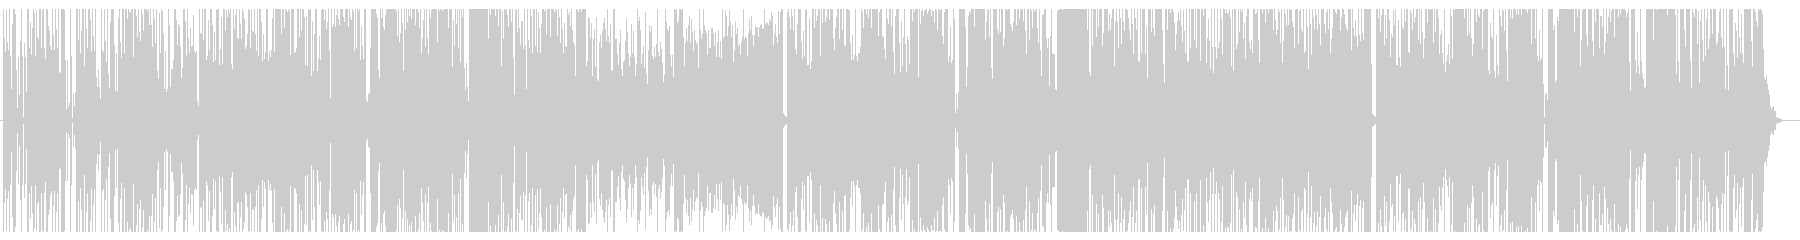 少し大人なシーンなどBGM。シンセの未再生の波形